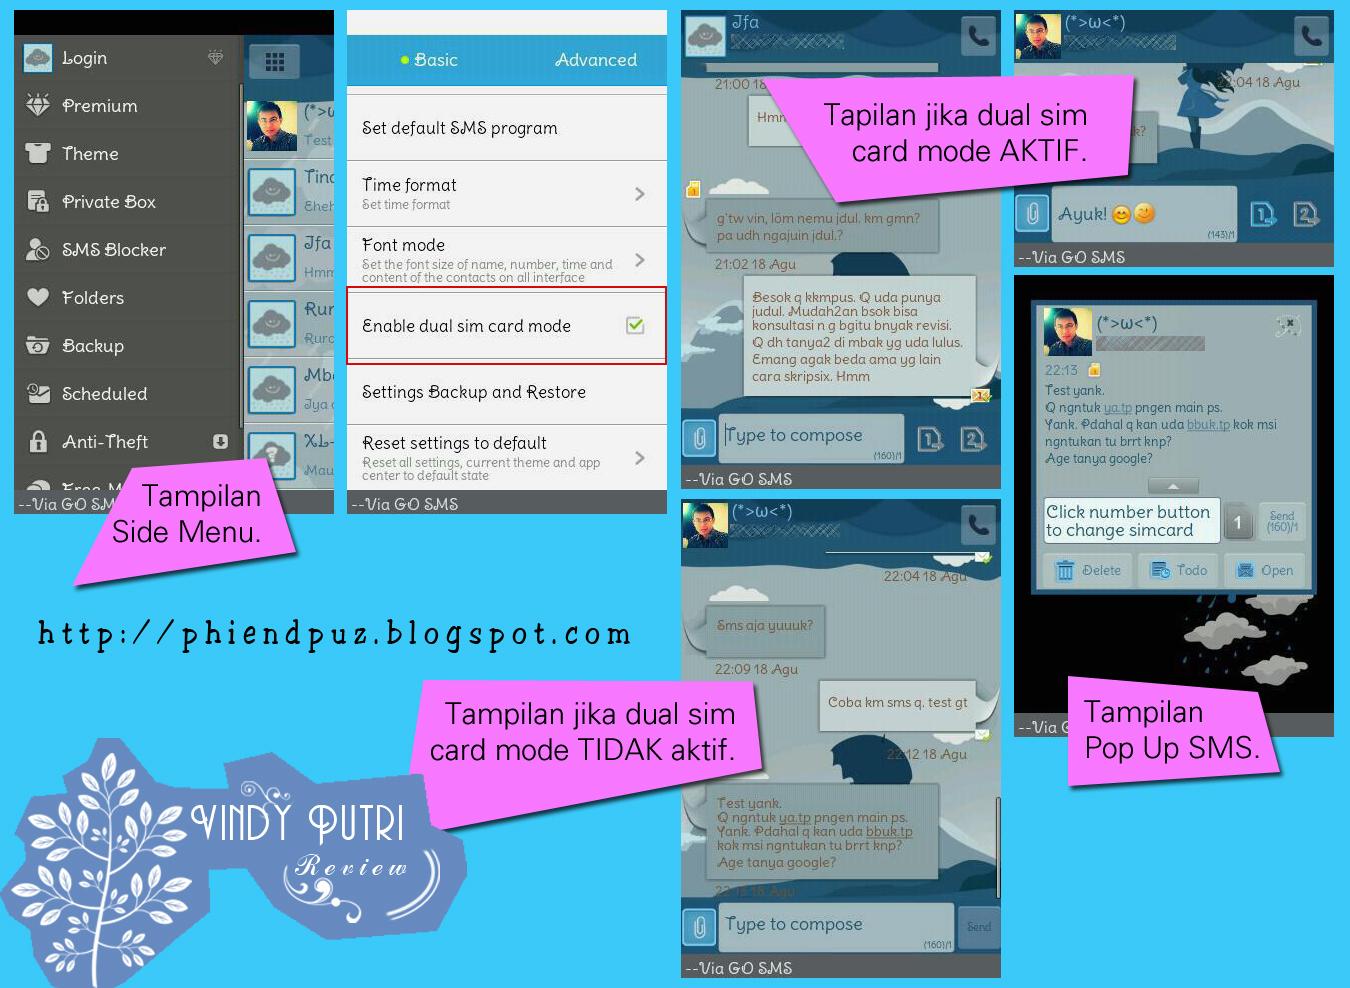 REVIEW: Aplikasi SMS Android Mendukung Dual Sim